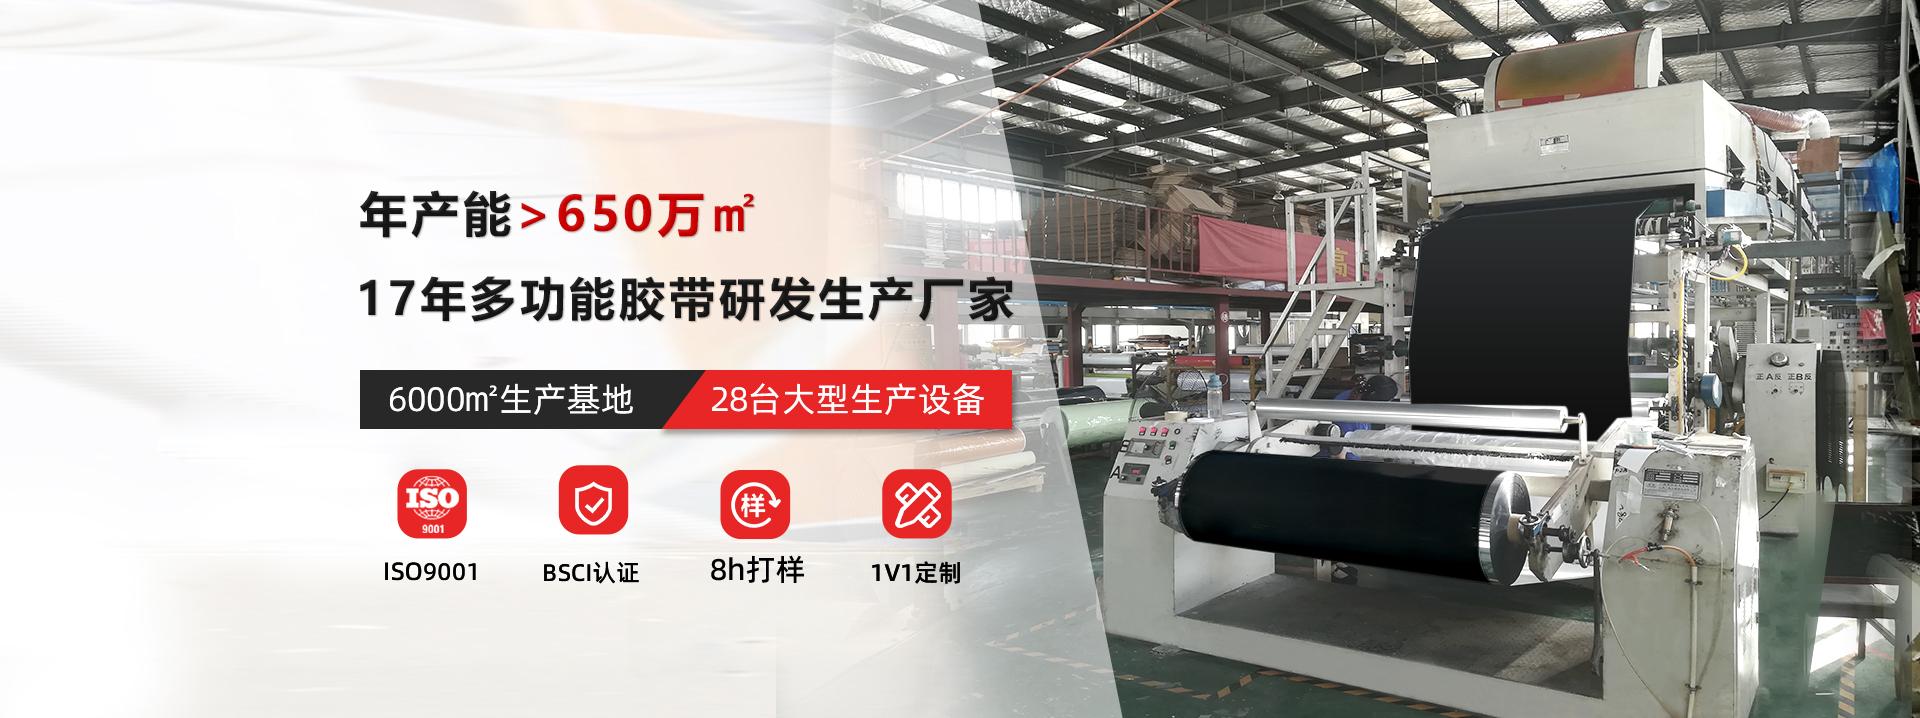 PVC防滑胶带,PET防滑胶带,PEVA防滑胶带,昆山玉寰厂家直销